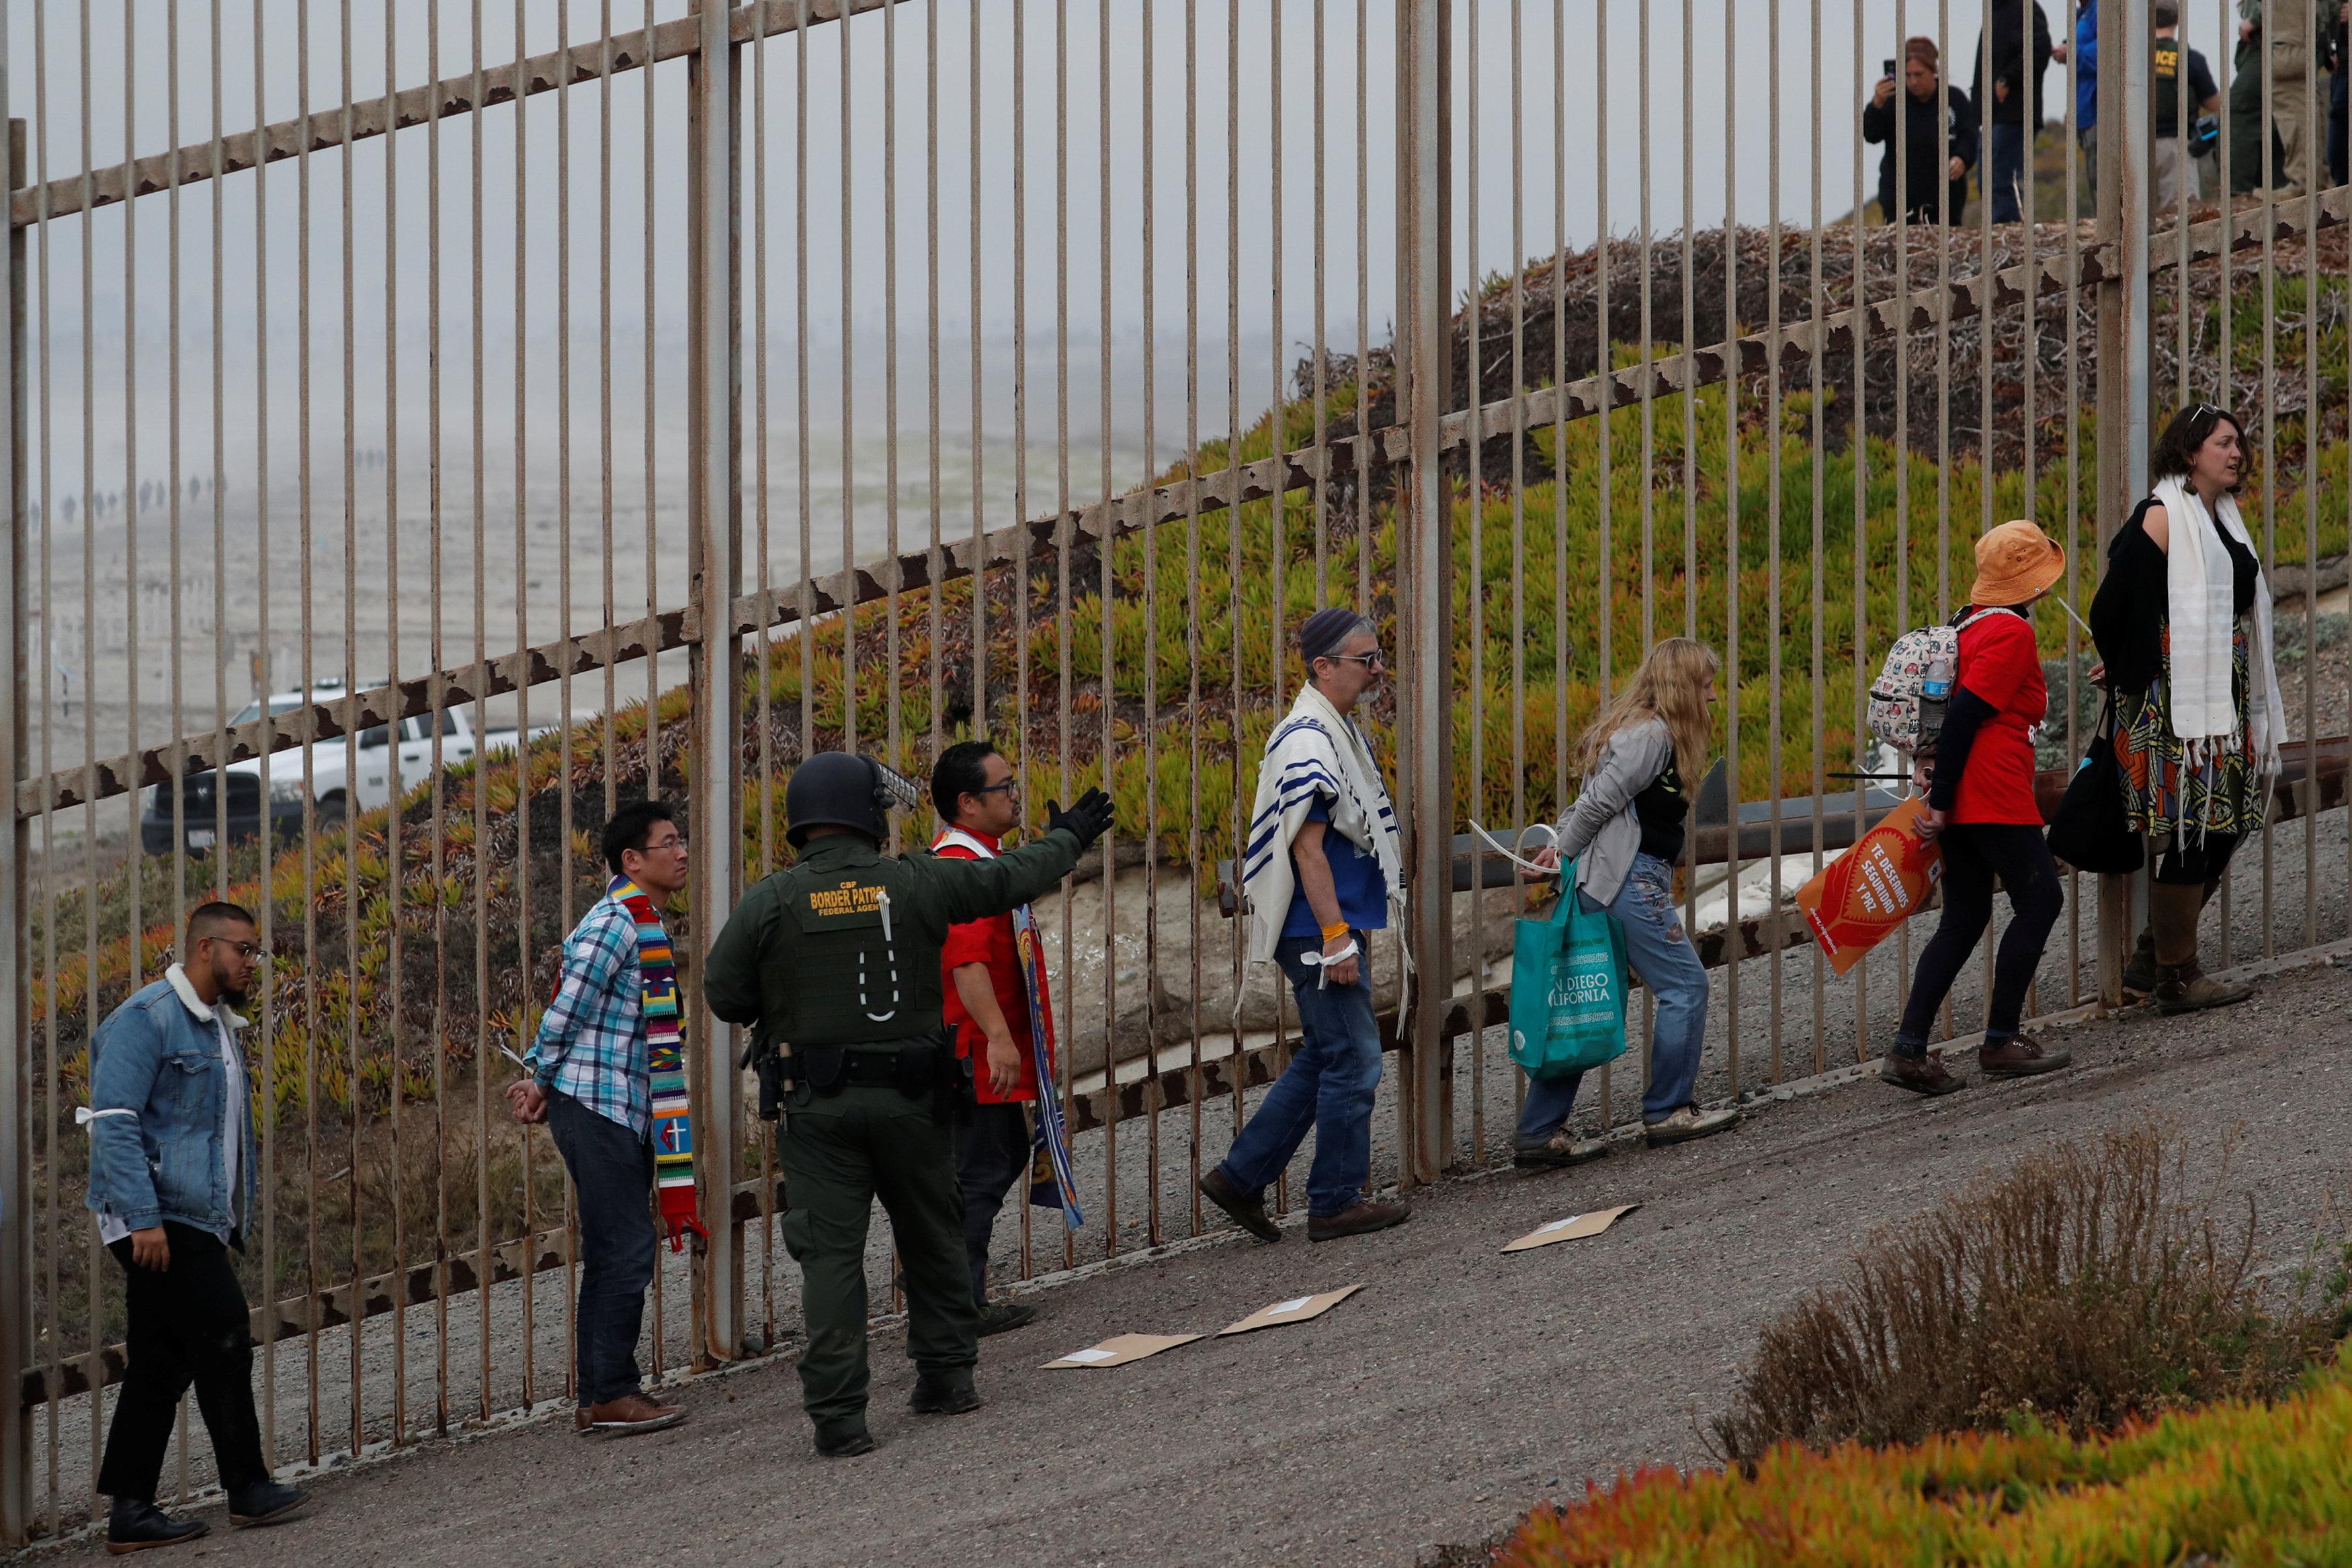 اعتقال مهاجرين على الجانب الأمريكى من الحدود مع المكسيك  (10)